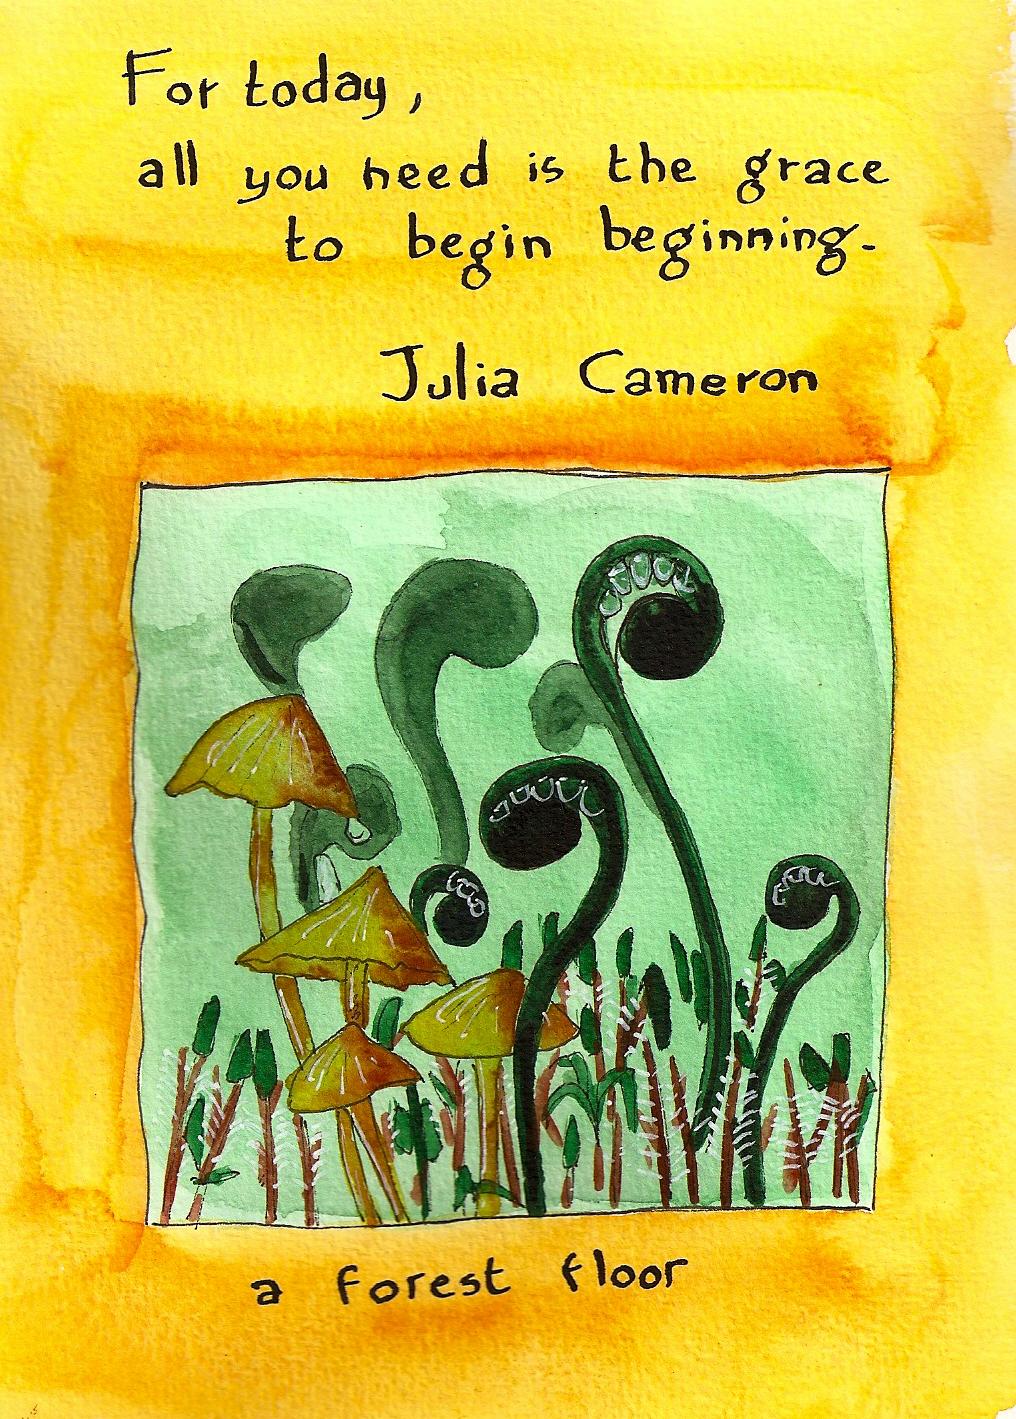 Julia Cameron's quote #8